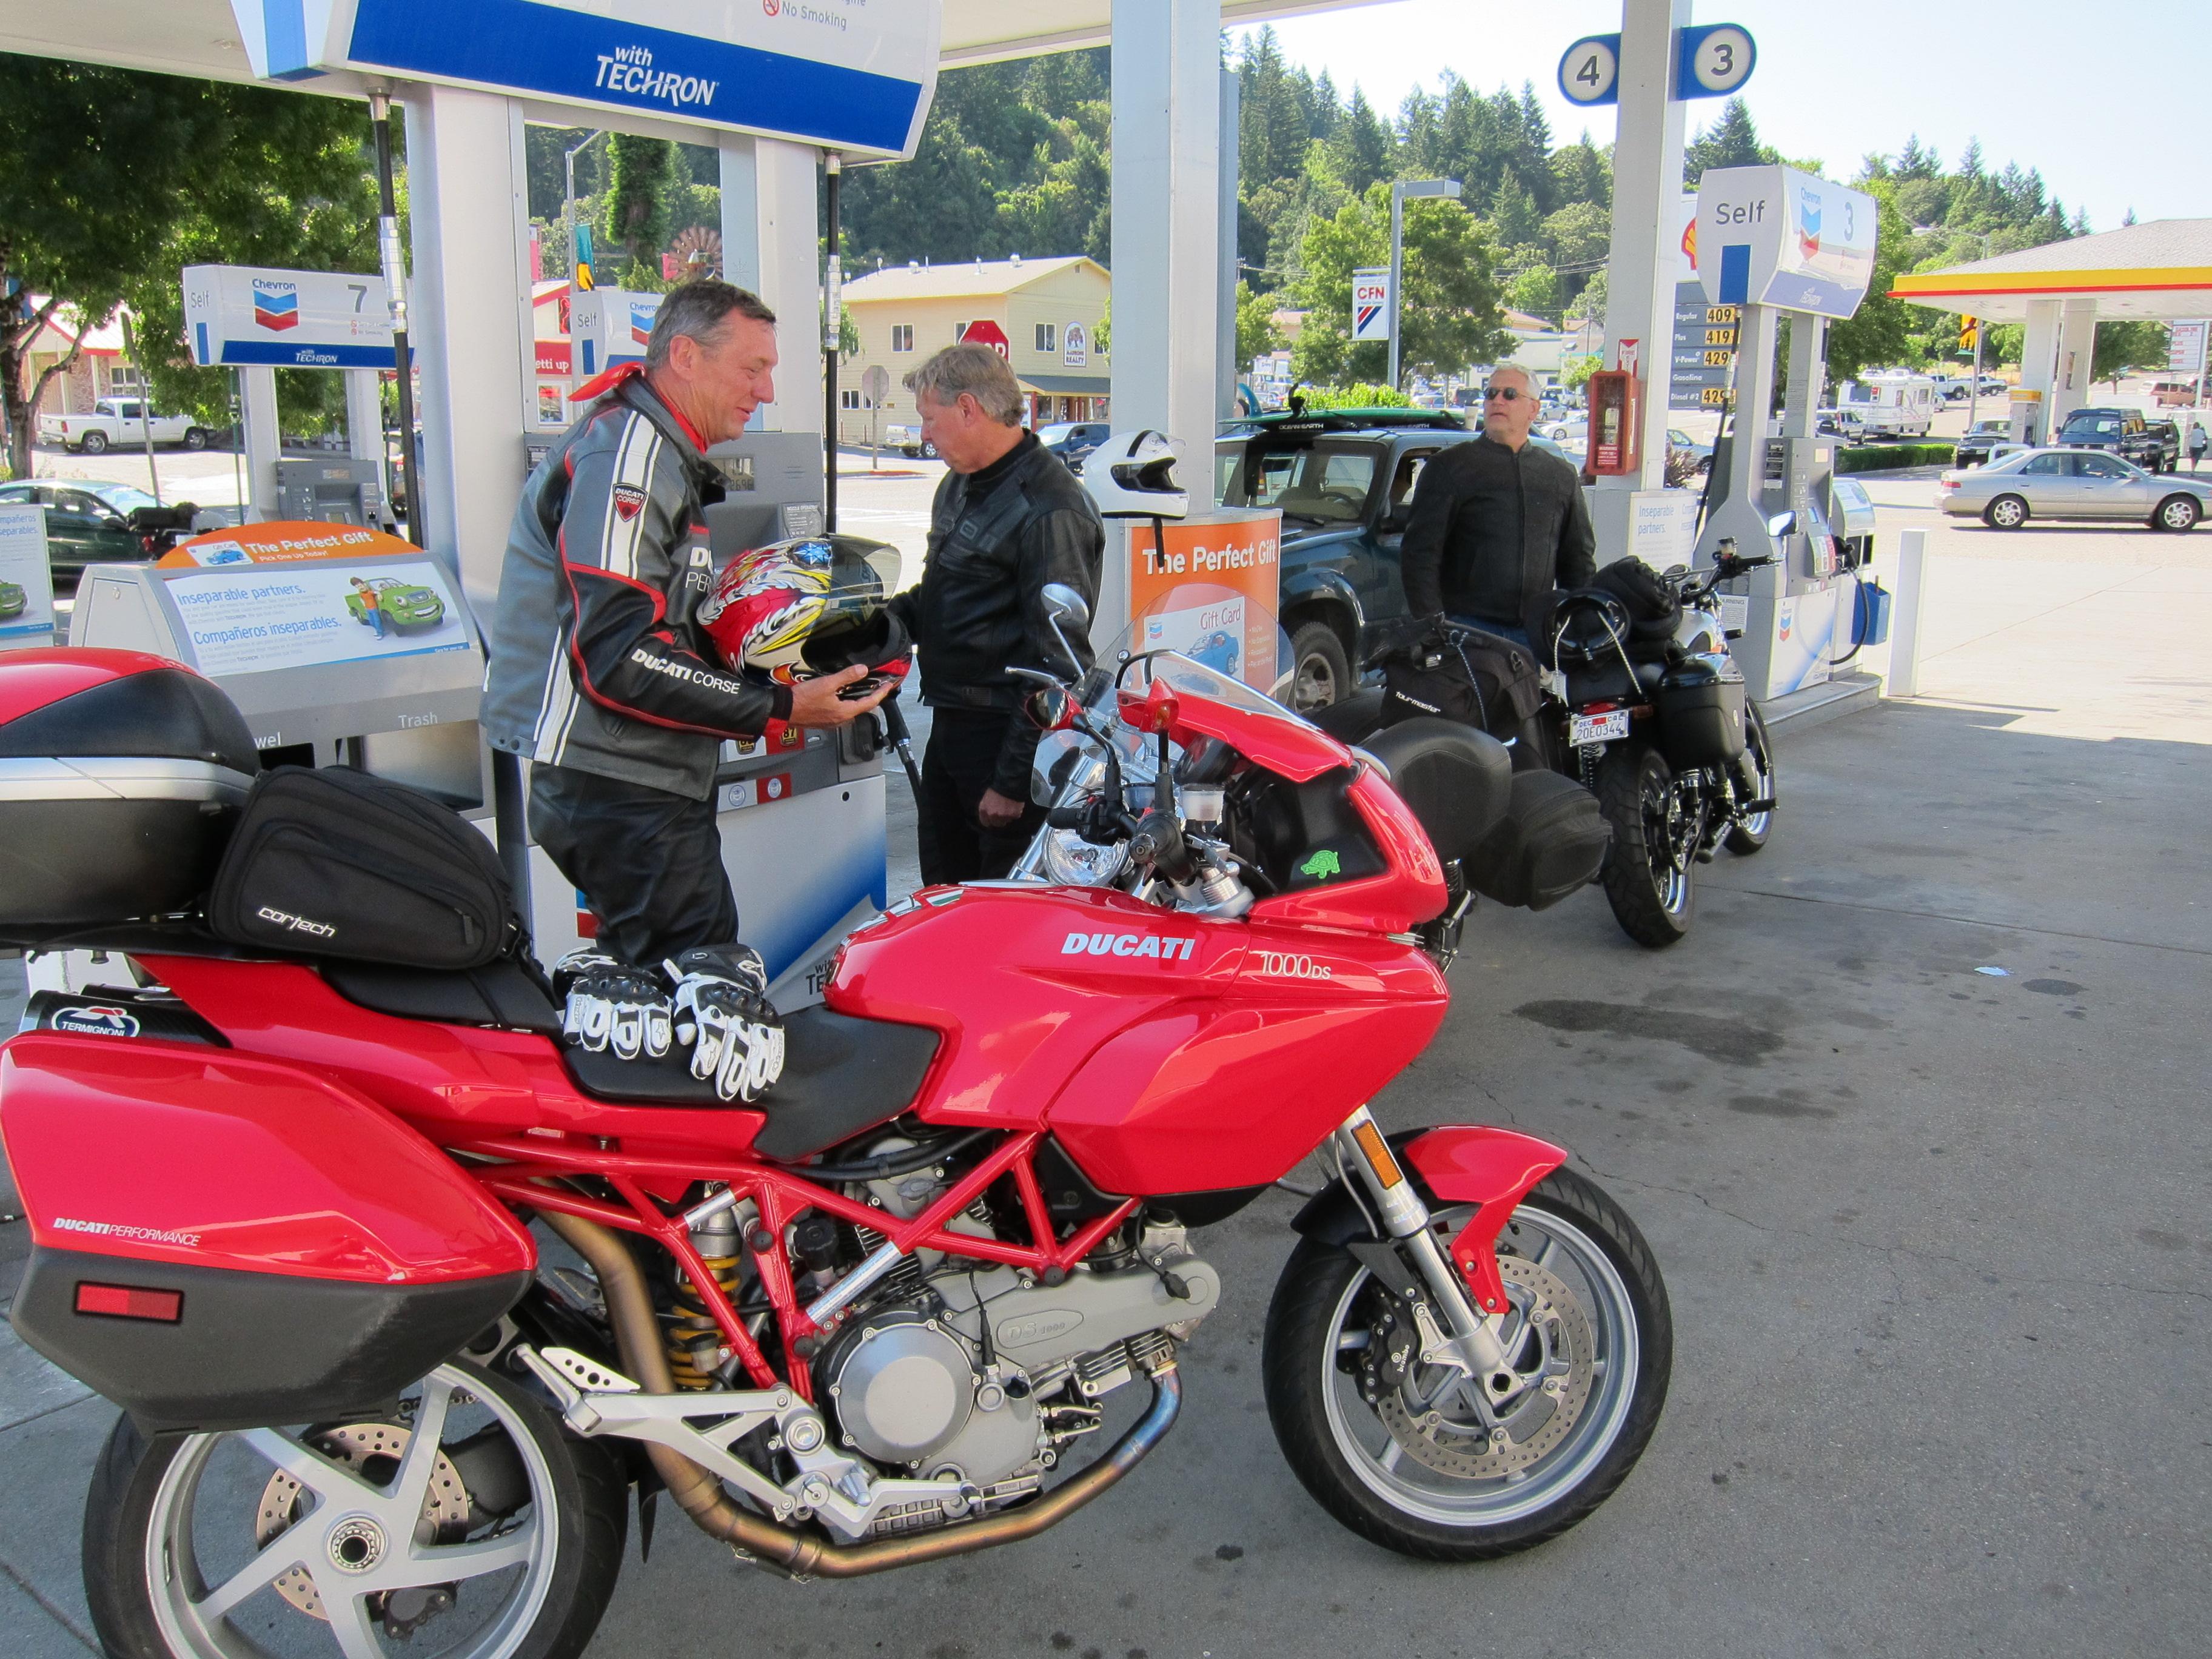 daha az benzin